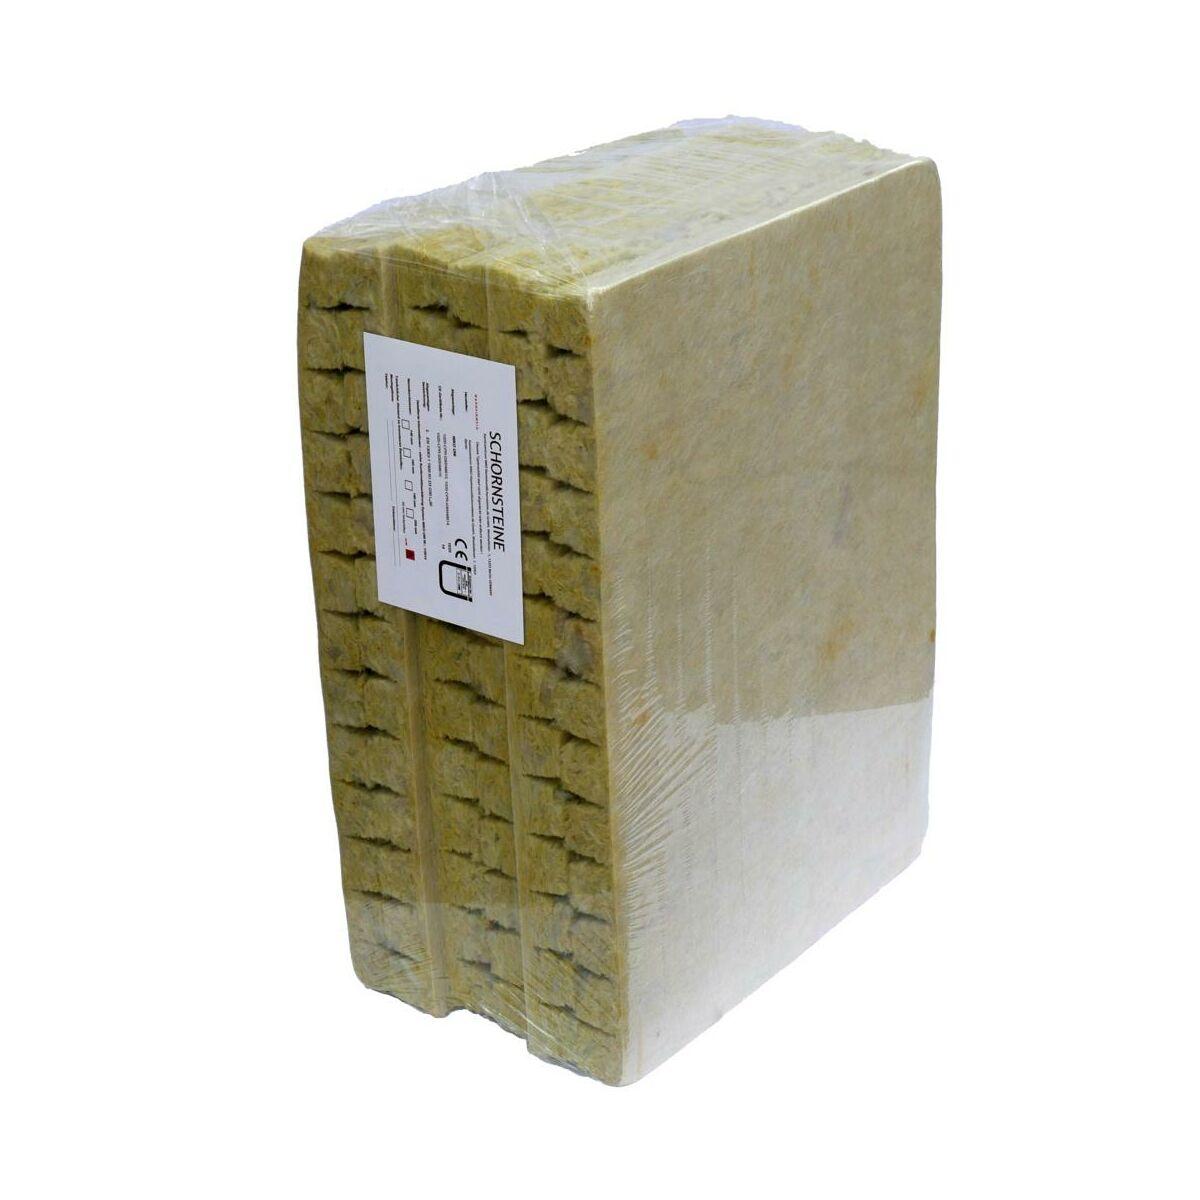 Welna Mineralna Do Komina Fi 200mm Kom Elementy Kominowe W Atrakcyjnej Cenie W Sklepach Leroy Merlin